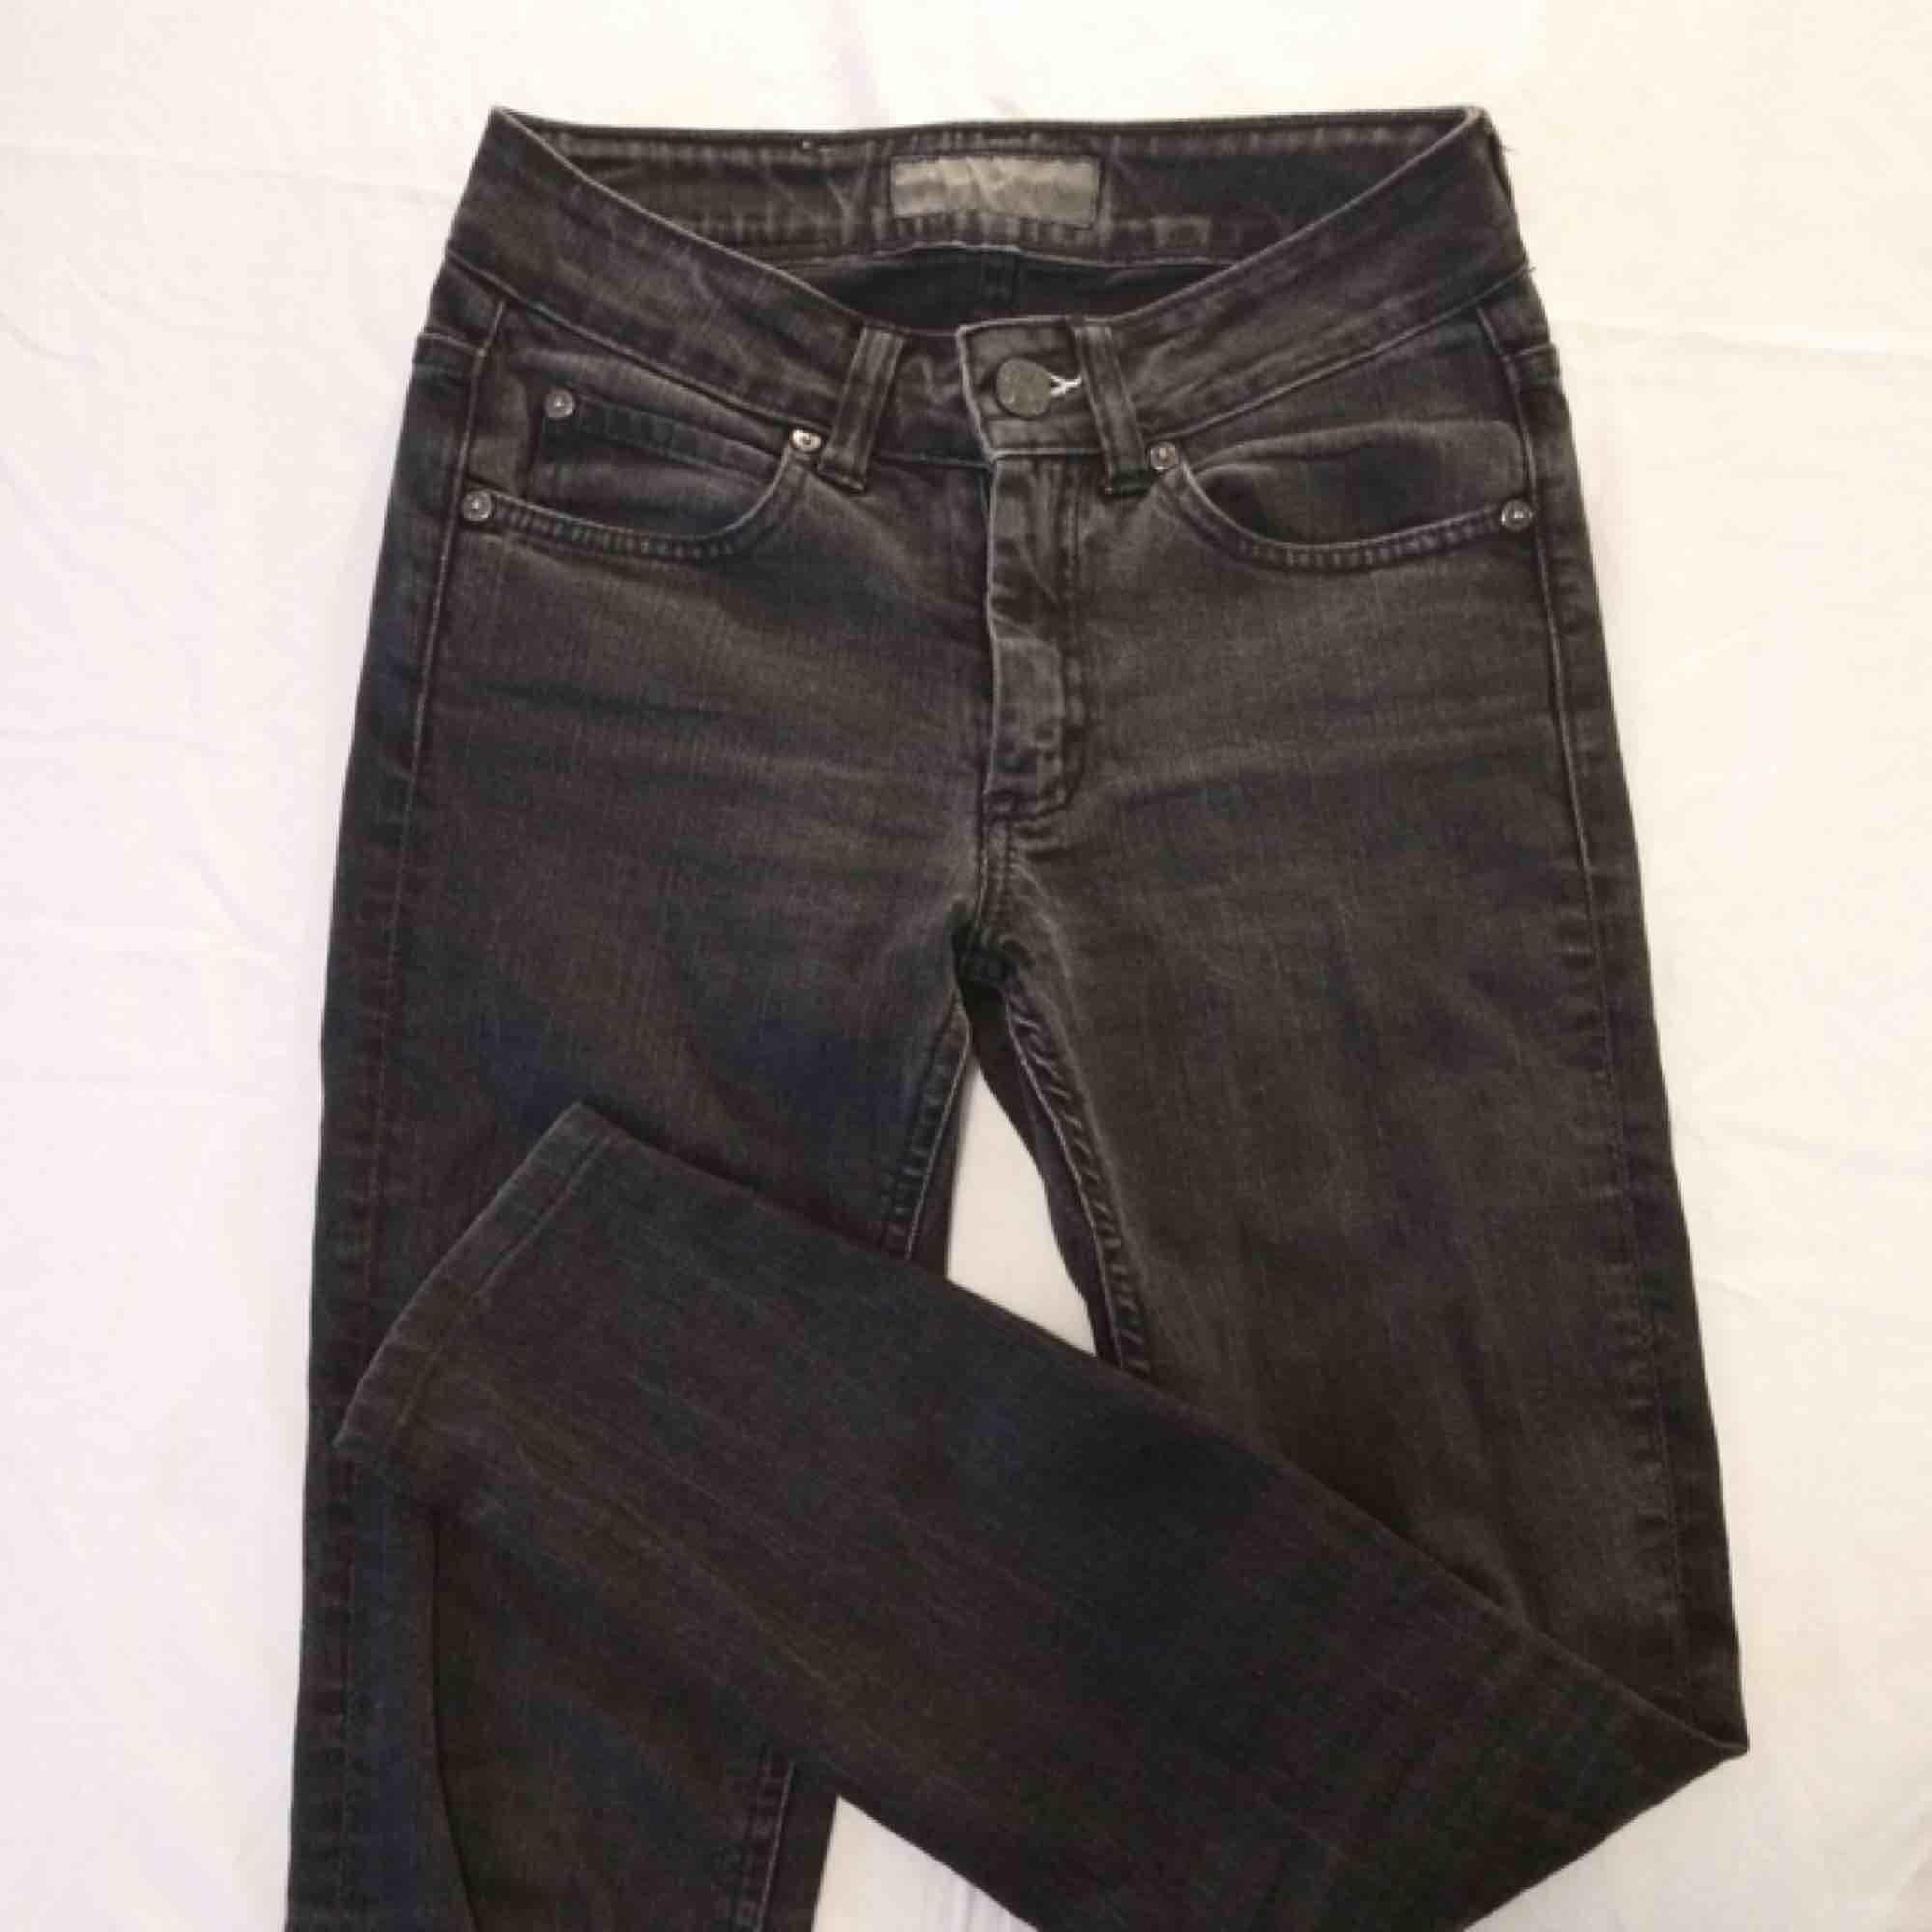 Gråsvarta Acne jeans! Storlek 25 men jag brukar ha 24 och de sitter bra på mig. Innerbenslängd 65cm. Jeans & Byxor.